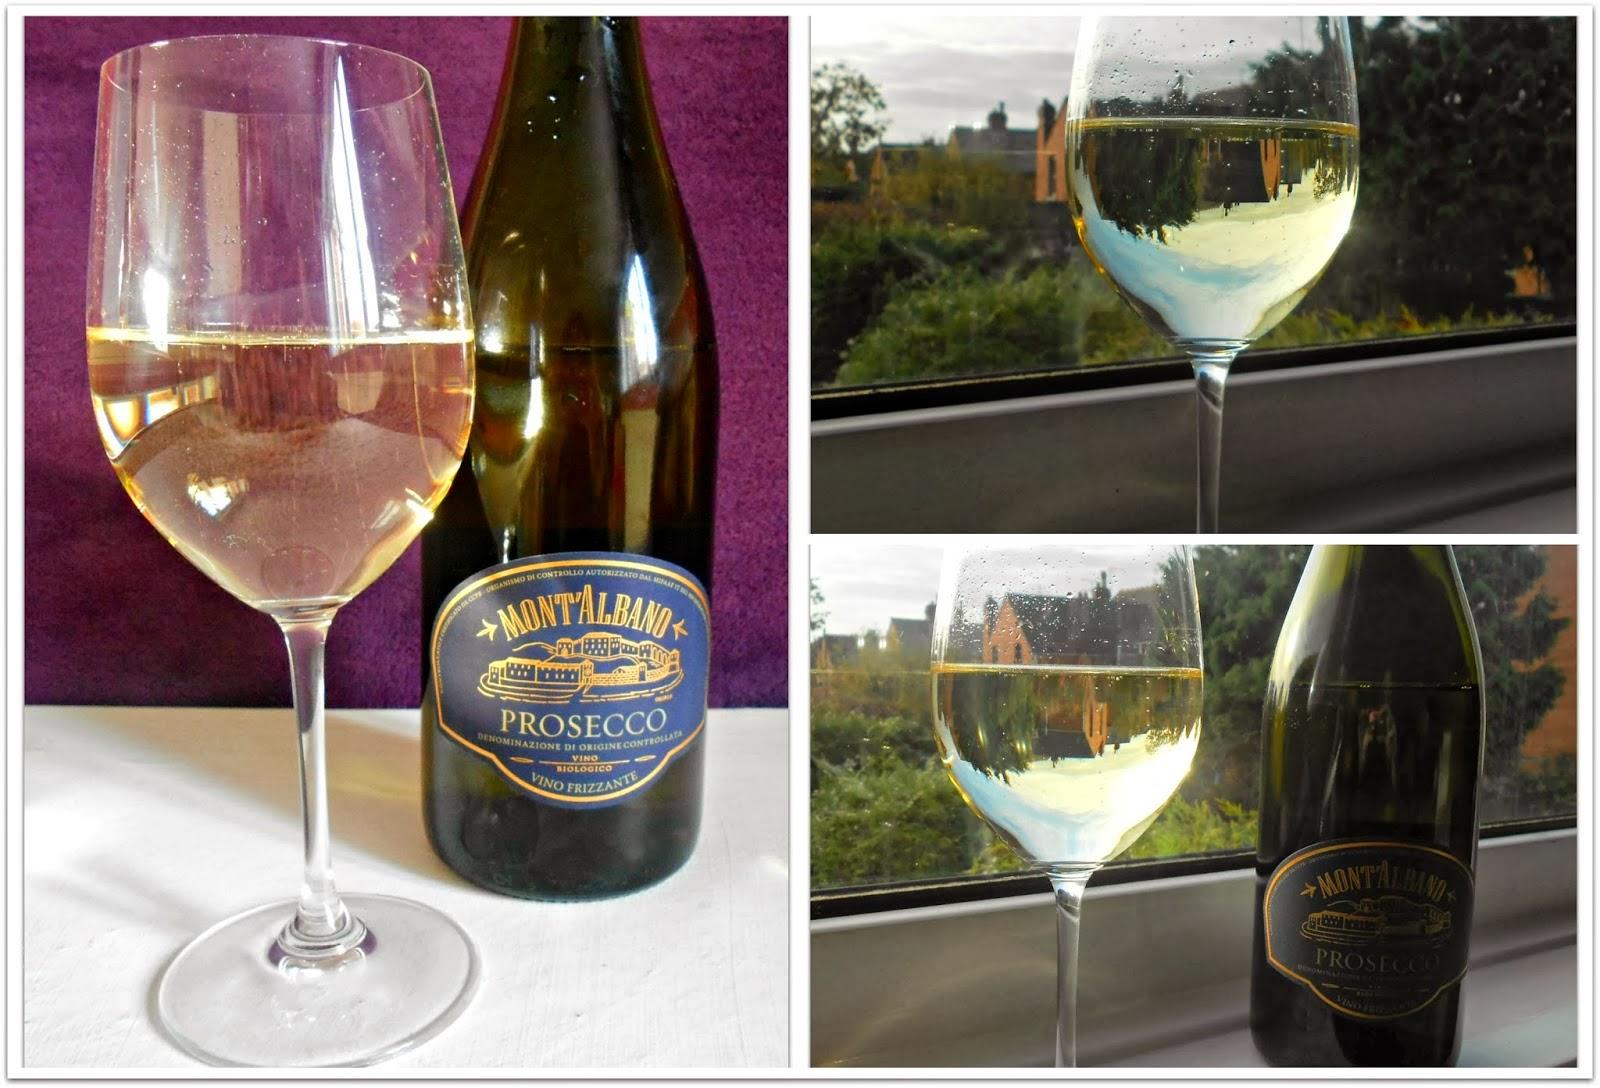 Mont'albano Prosecco Vino Frizzante